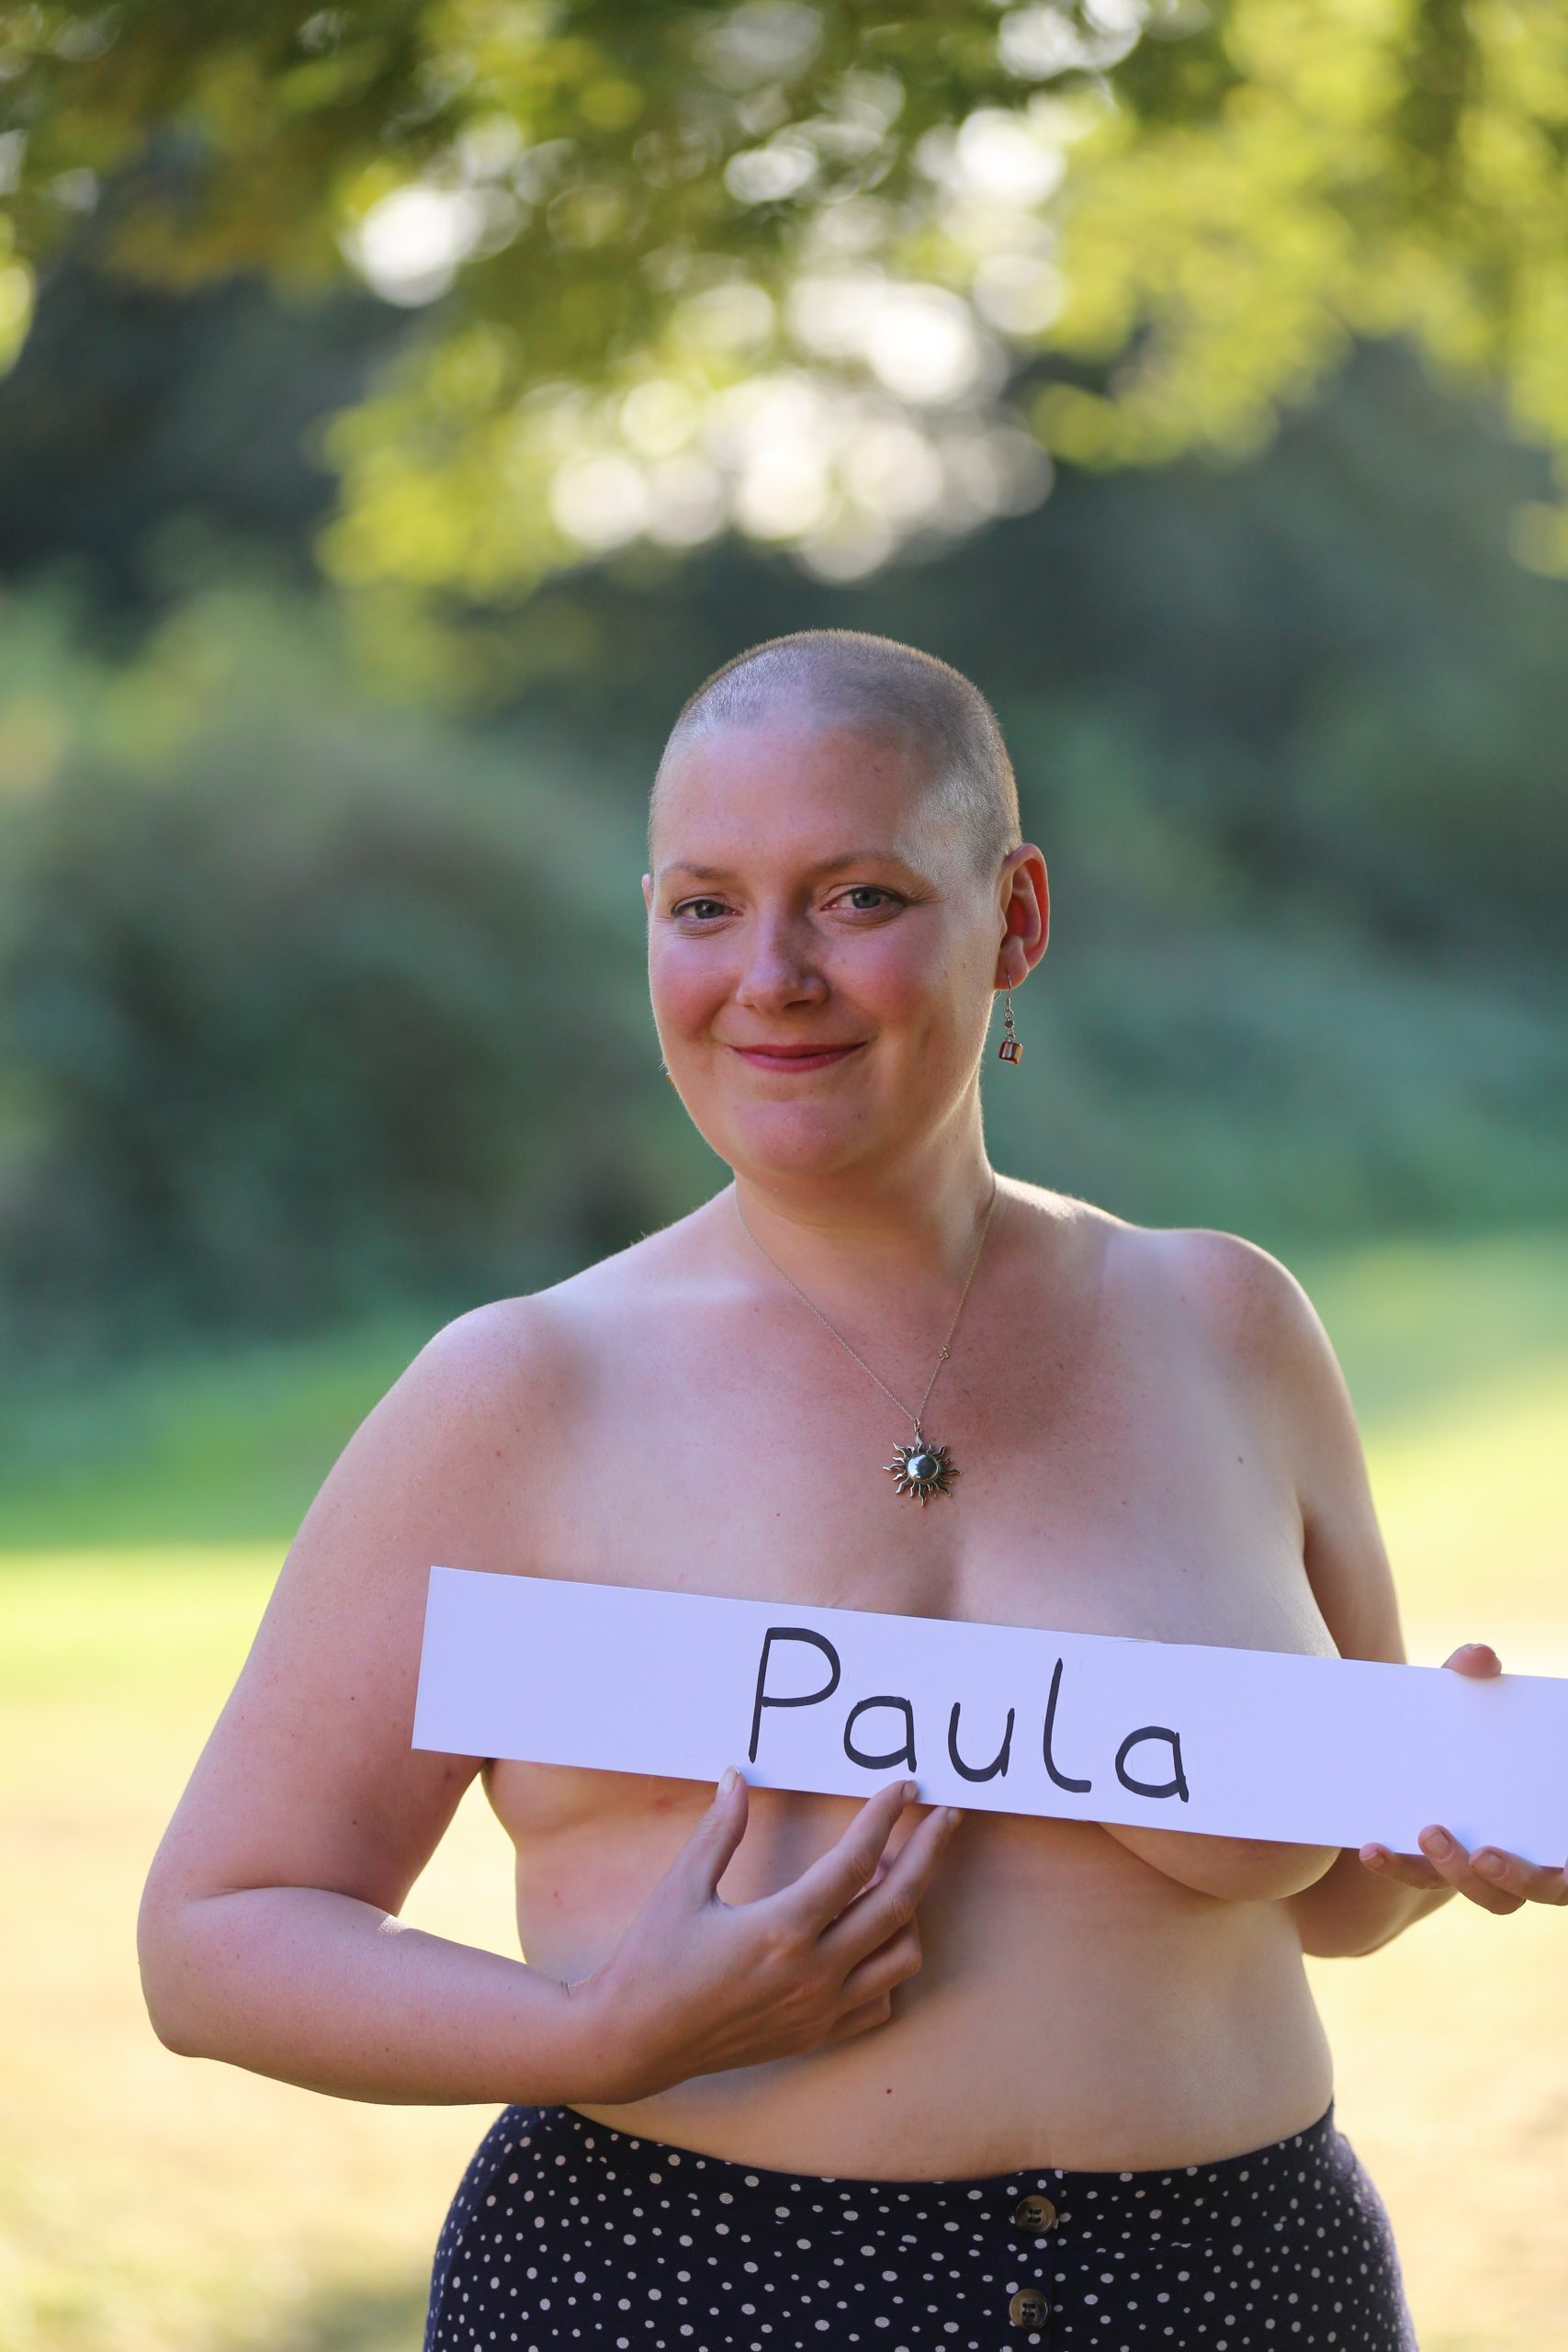 Pee Po (Paula)